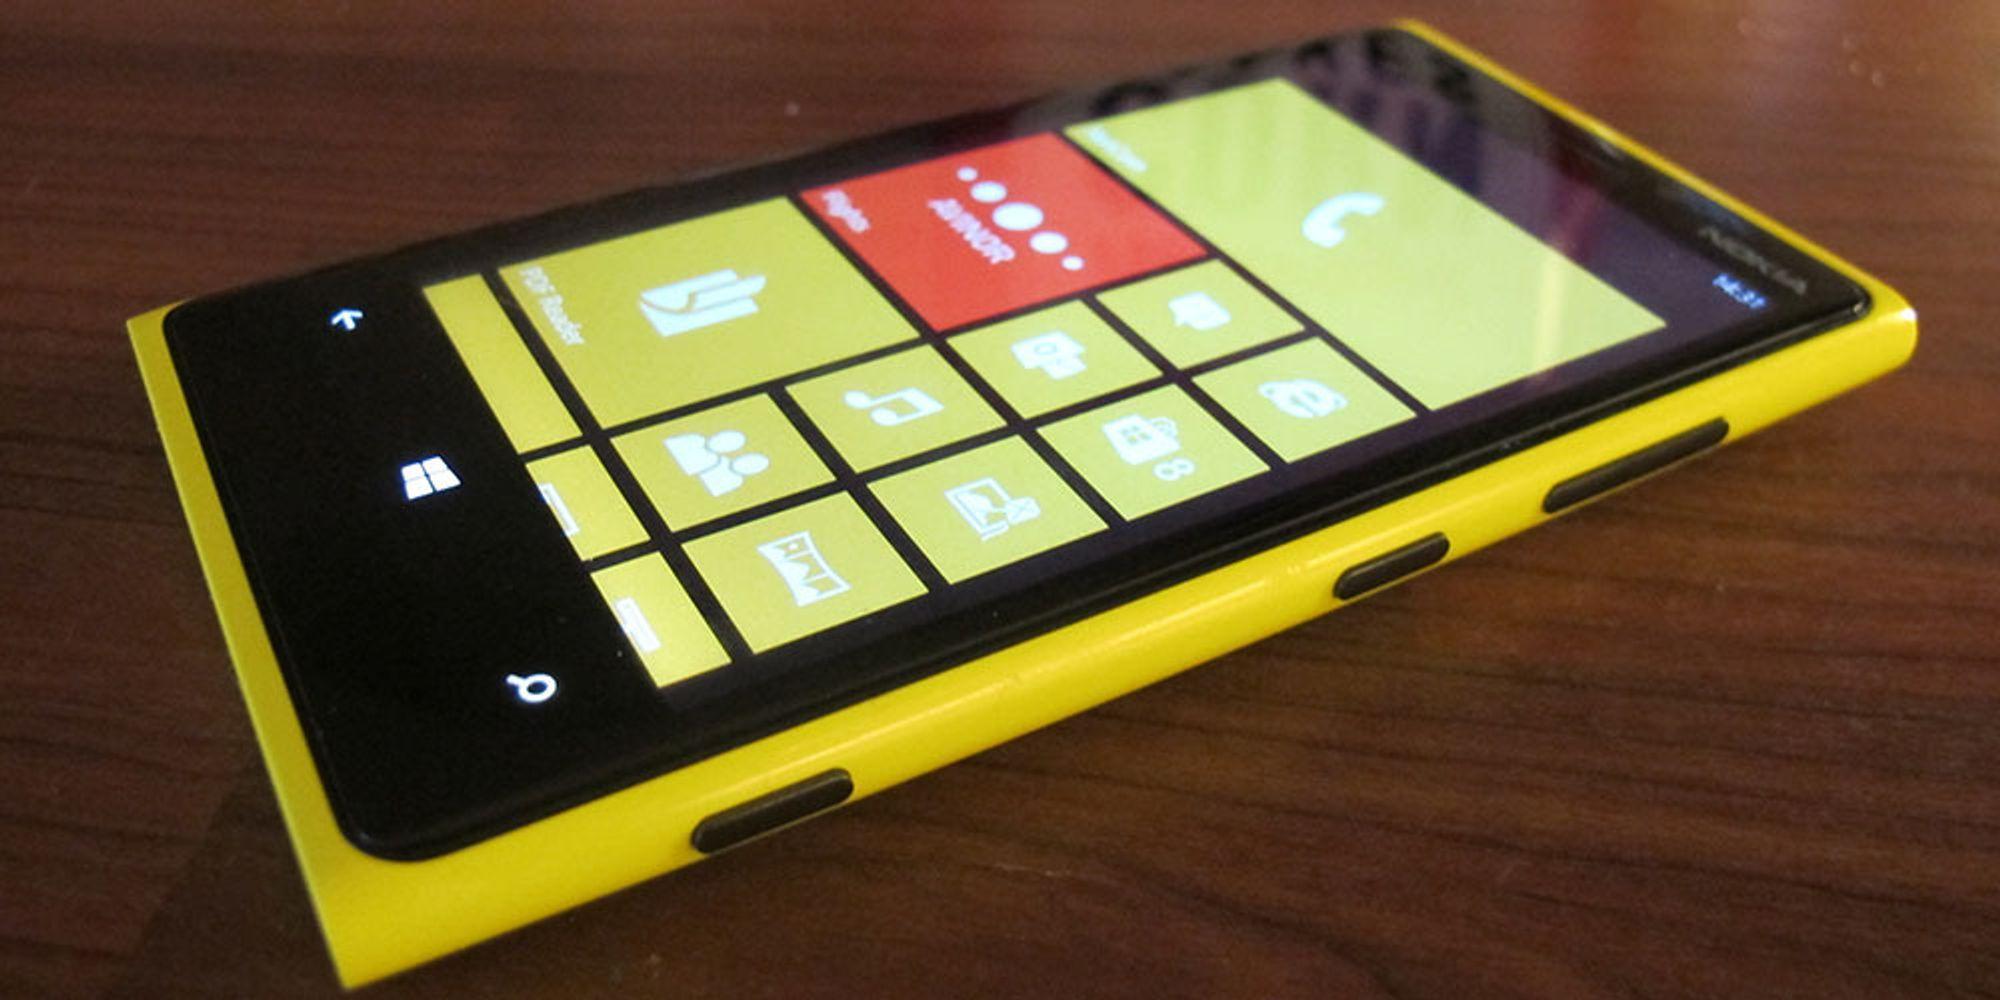 TEST: Test: Nokia Lumia 920